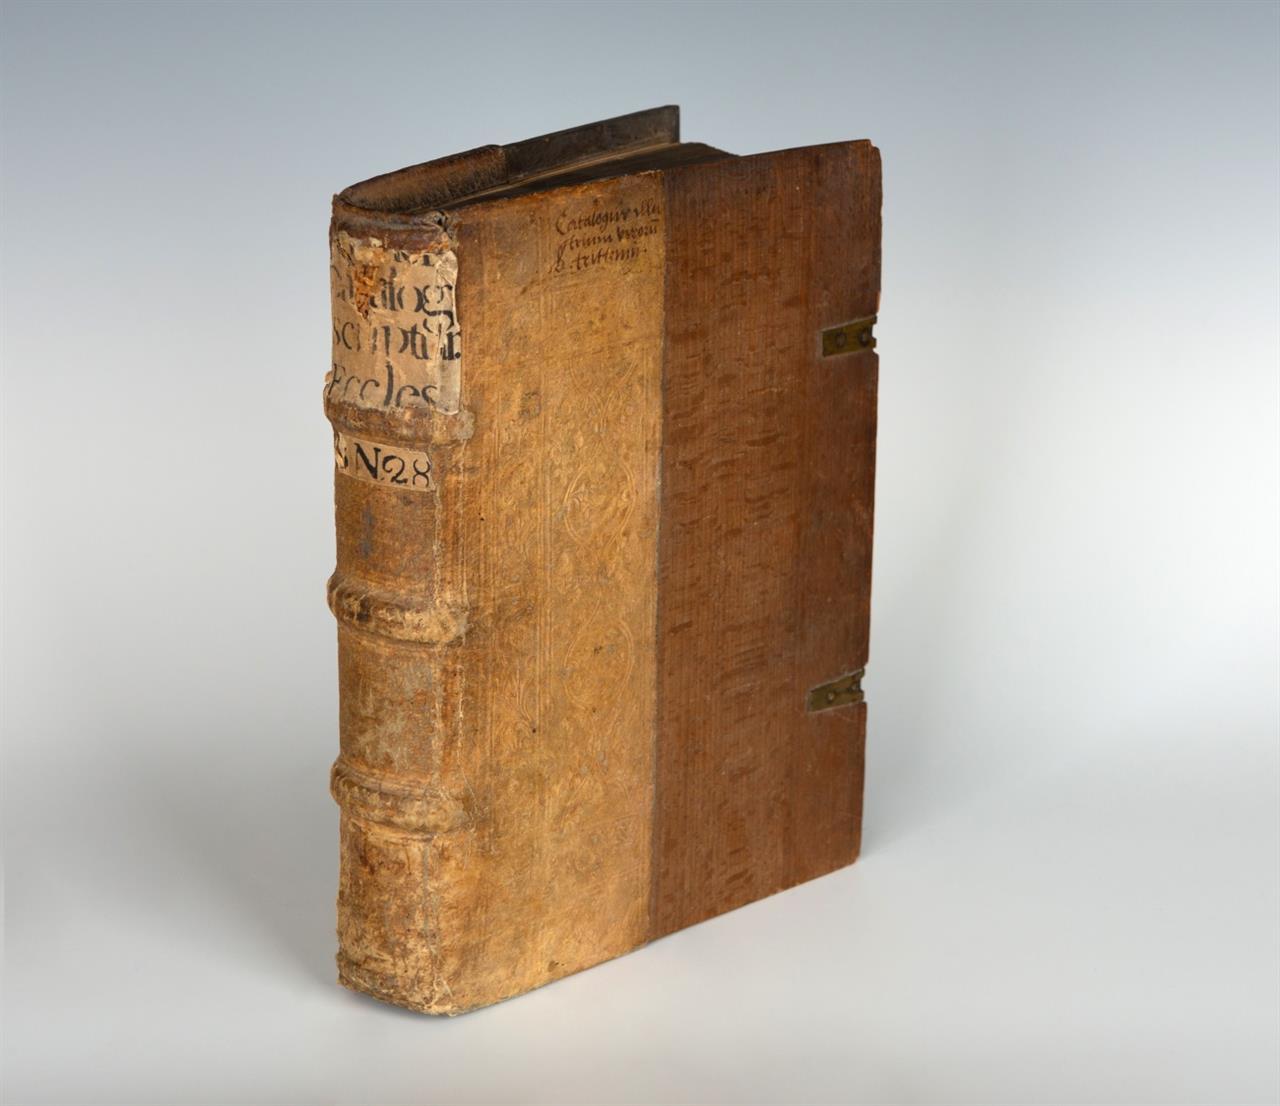 Joh. Trithemius,  Catalogus scriptorum ecclesiasticorum sive illustrium virorum. Köln 1531.